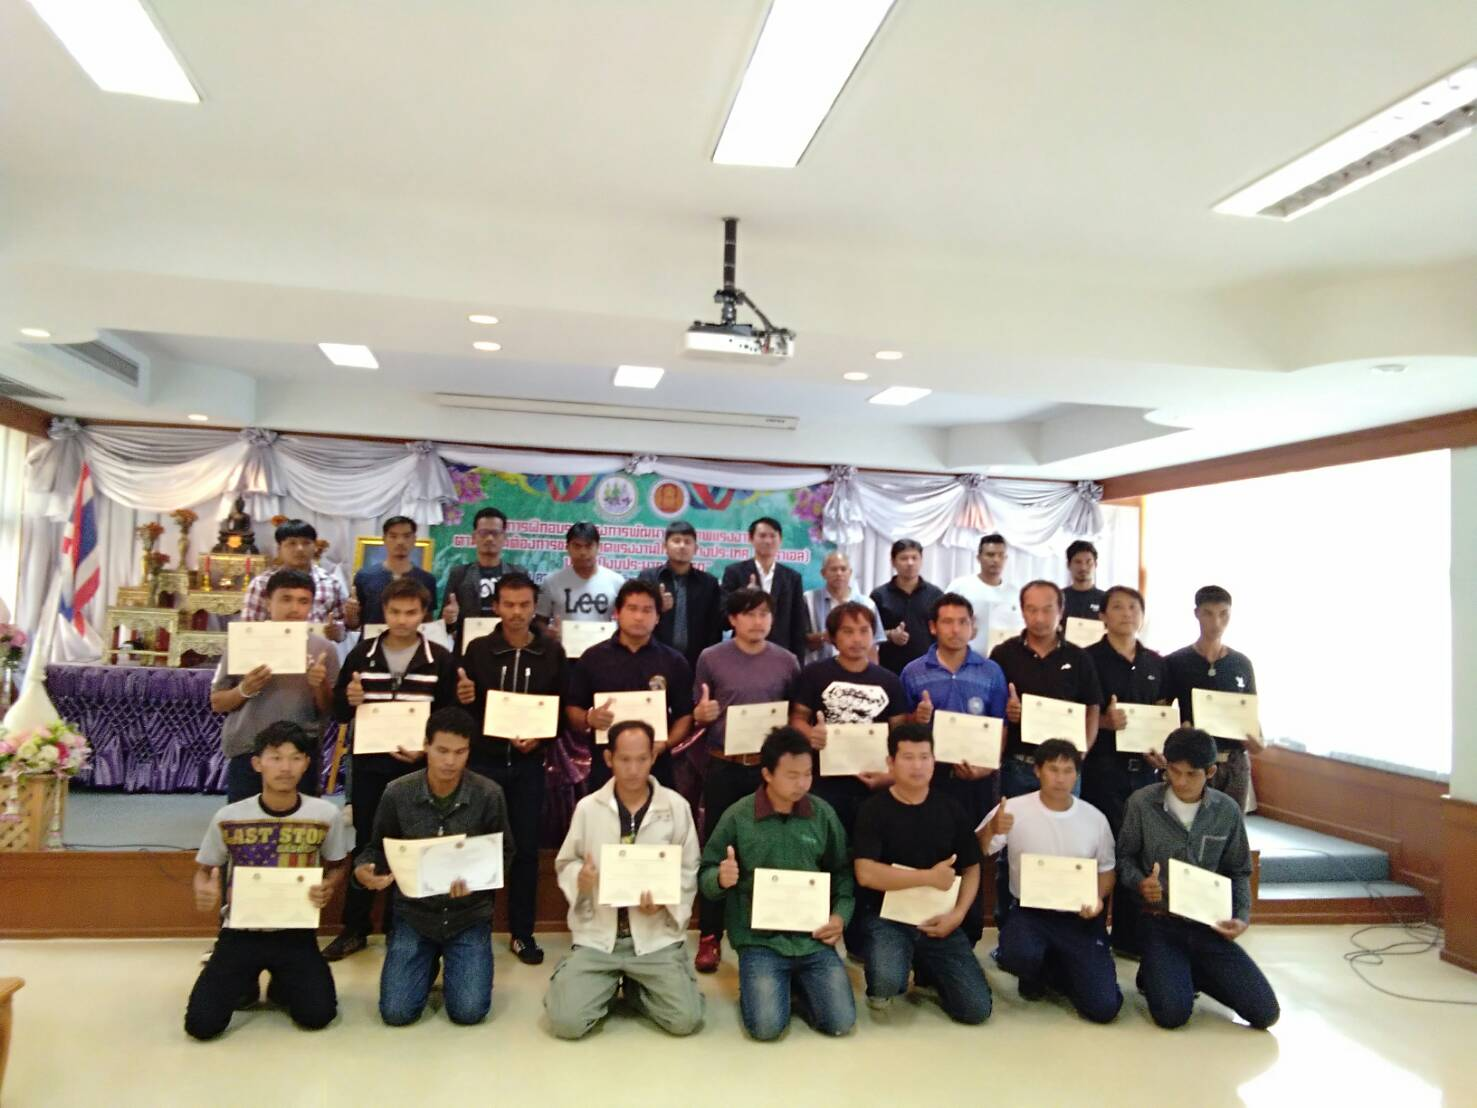 การฝึกอบรมโครงการพัฒนาศักยภาพแรงงานไทยตามความต้องการของตลาดแรงงานไทยไปต่างประเทศ(อิสราเอล) รุ่นที่ 4